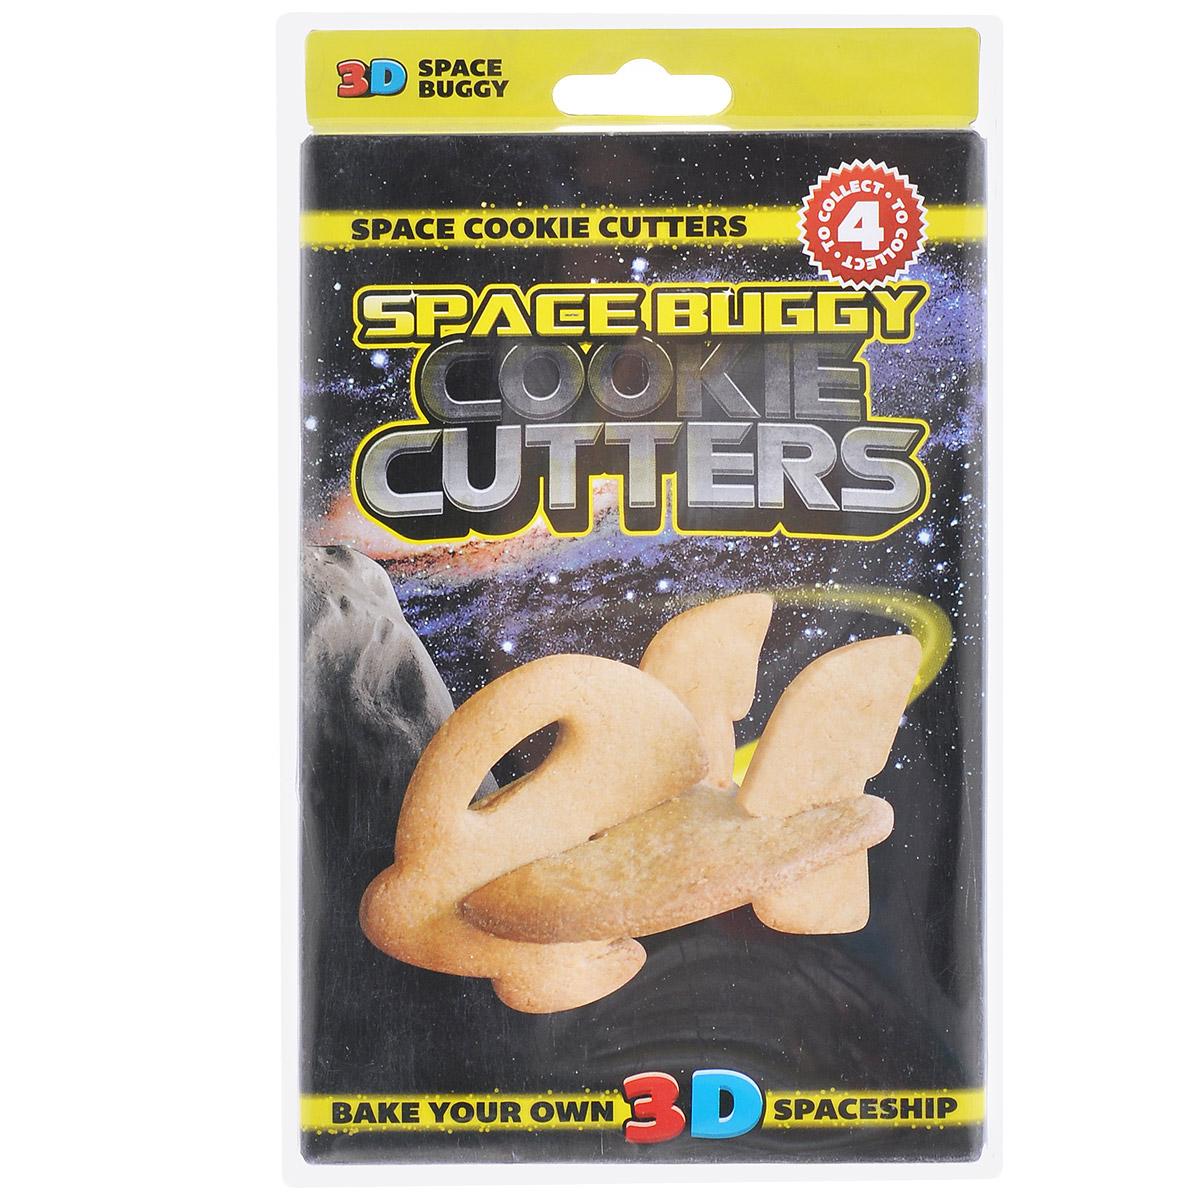 Форма для печенья 3D Suck UK Корабль, цвет: желтыйSK COOKIESPACE43D форма для печенья Suck UK Корабль, изготовленная из высококачественного и прочного пластика, состоит из пяти составных частей, которые позволяют собрать объемную фигуру в виде космического корабля. С такой формой легко и просто вырезать фигурное тесто для приготовления домашнего печенья. Форма для печенья Suck UK Корабль вдохновит вас и вашего ребенка на кулинарные шедевры. Можно мыть в посудомоечной машине.